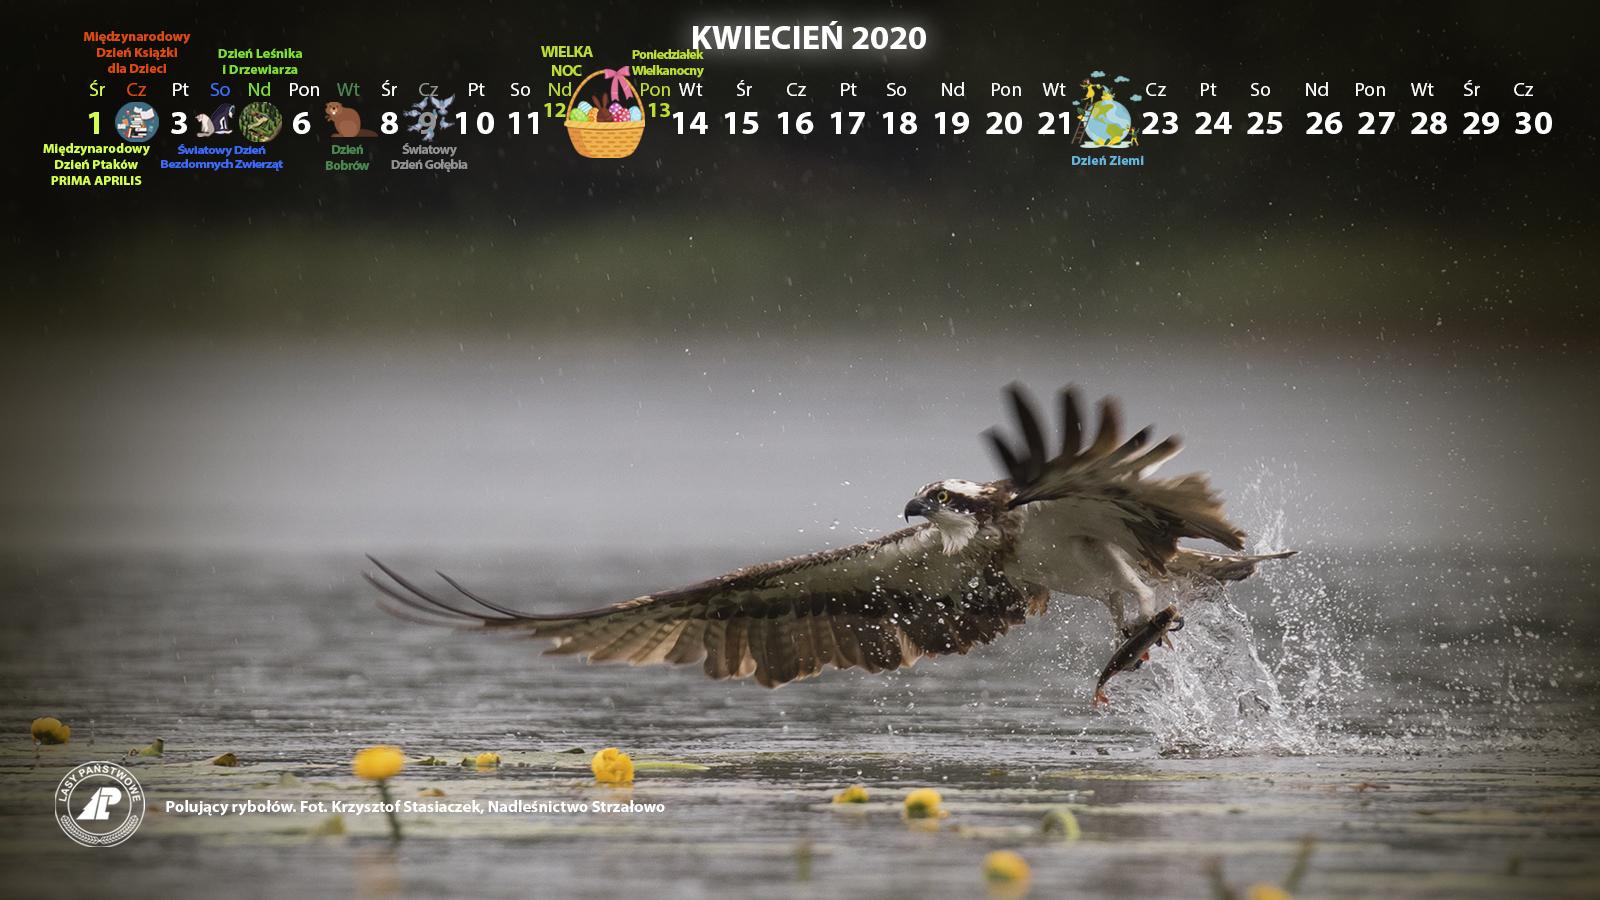 Kalendarz kwiecień 2019 1600x900.jpg